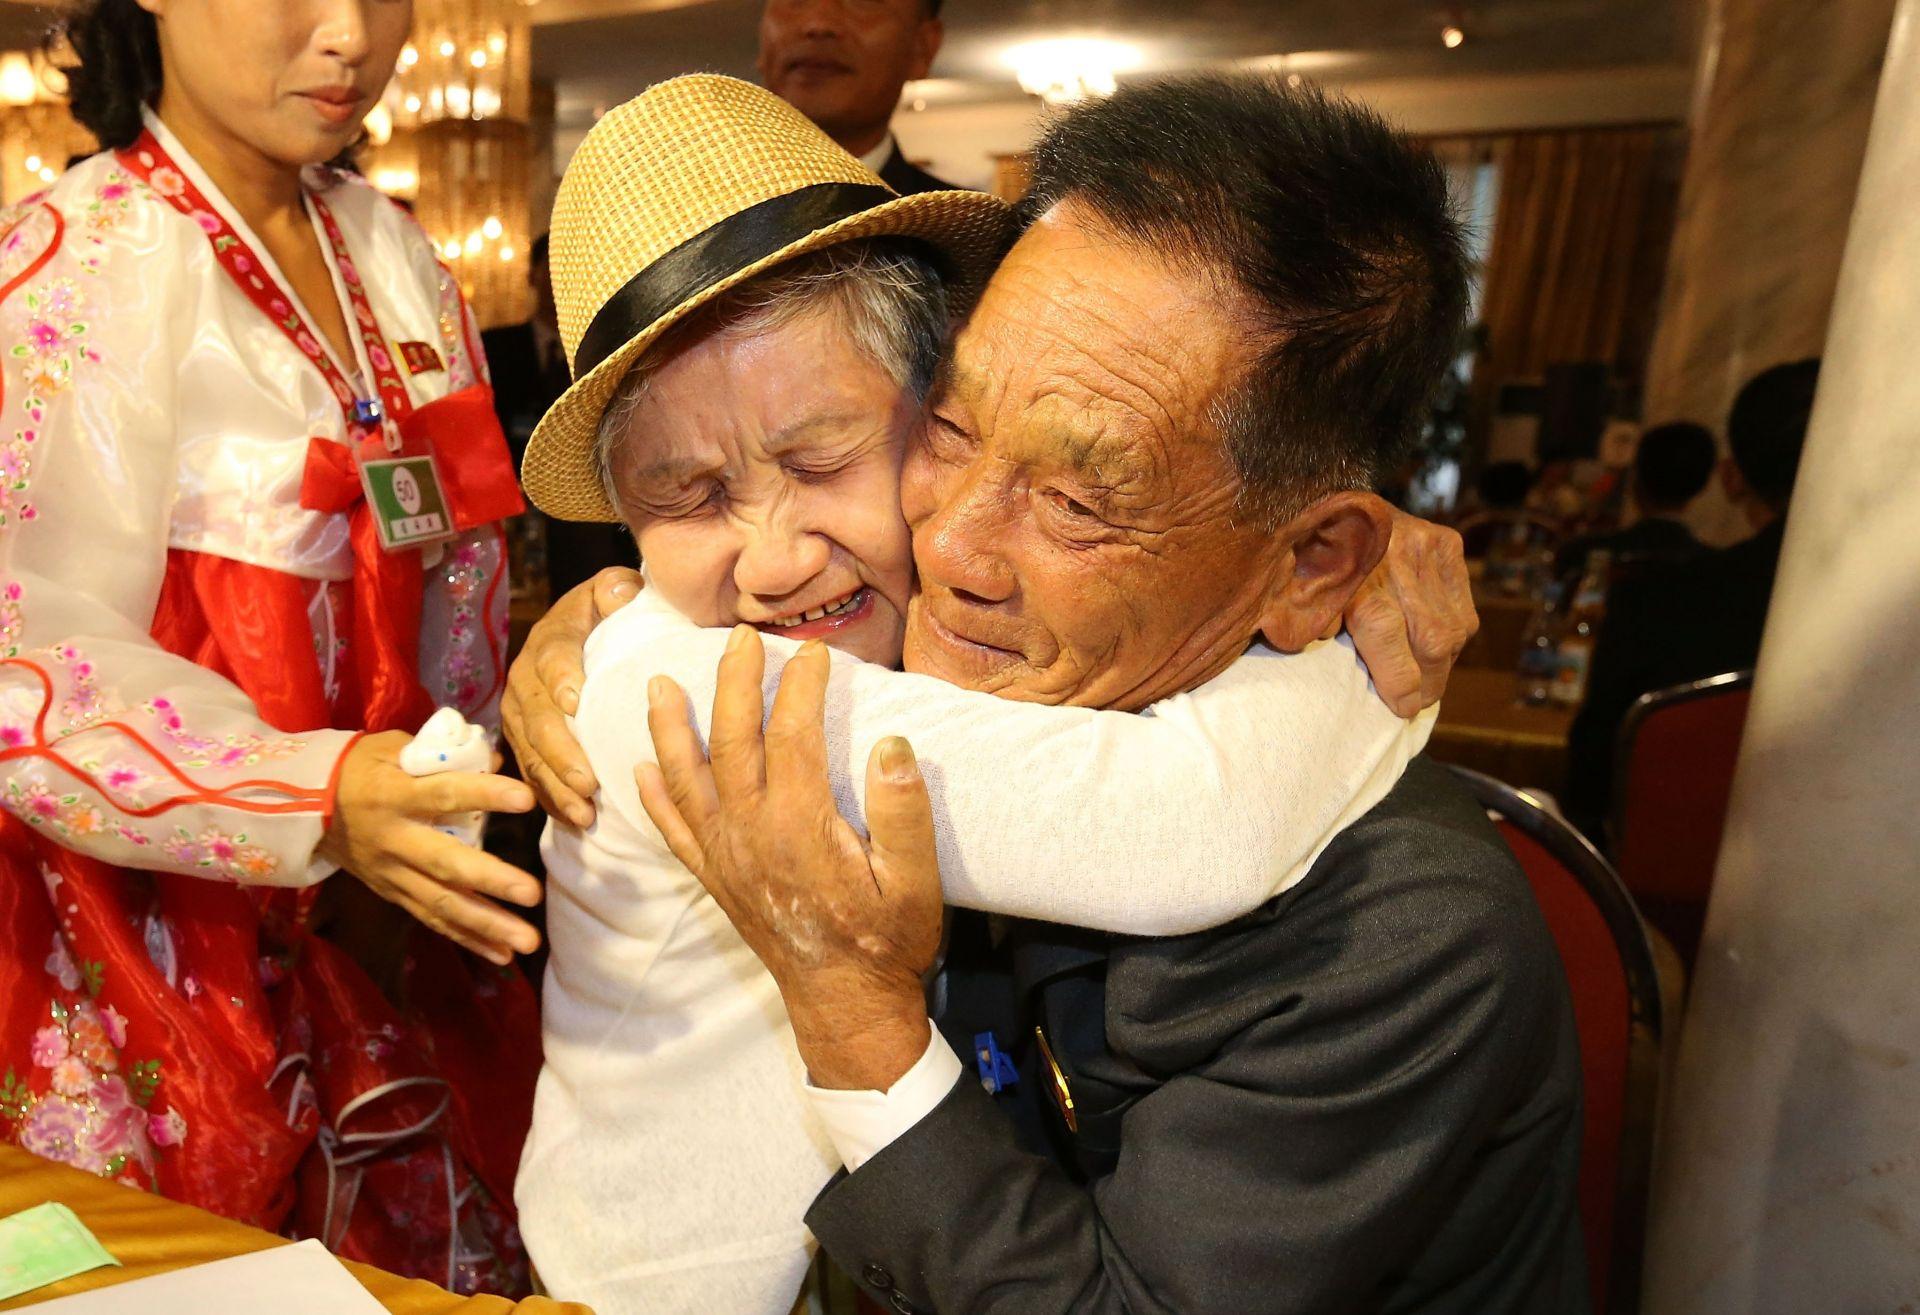 На 20 август няколко десетки възрастни южнокорейци пристигнаха в Северна Корея за първа среща със свои роднини след края на Корейската война през 1953 г. Фоторепортерът е уловил момент, в който 92-годишна корейка прегръща 71-годишния си син